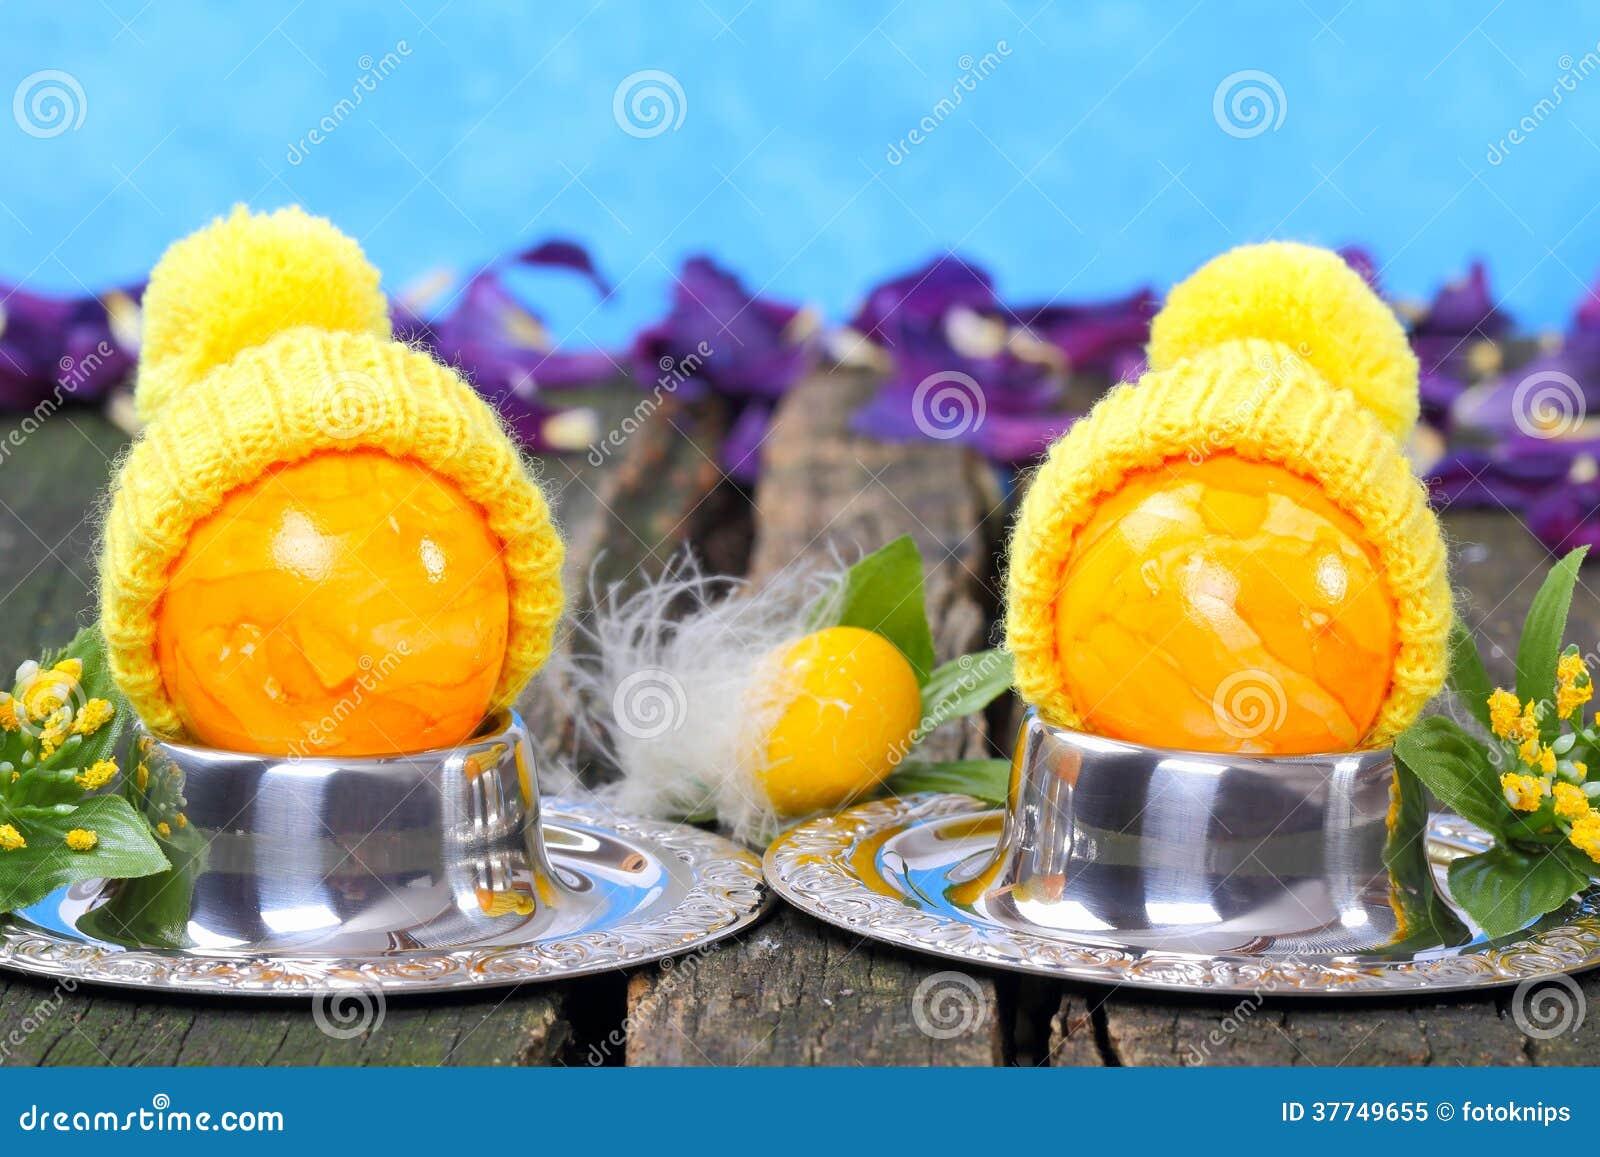 Huevo de pascua con el sombrero decoraci n divertida foto - Decoracion de sombreros ...